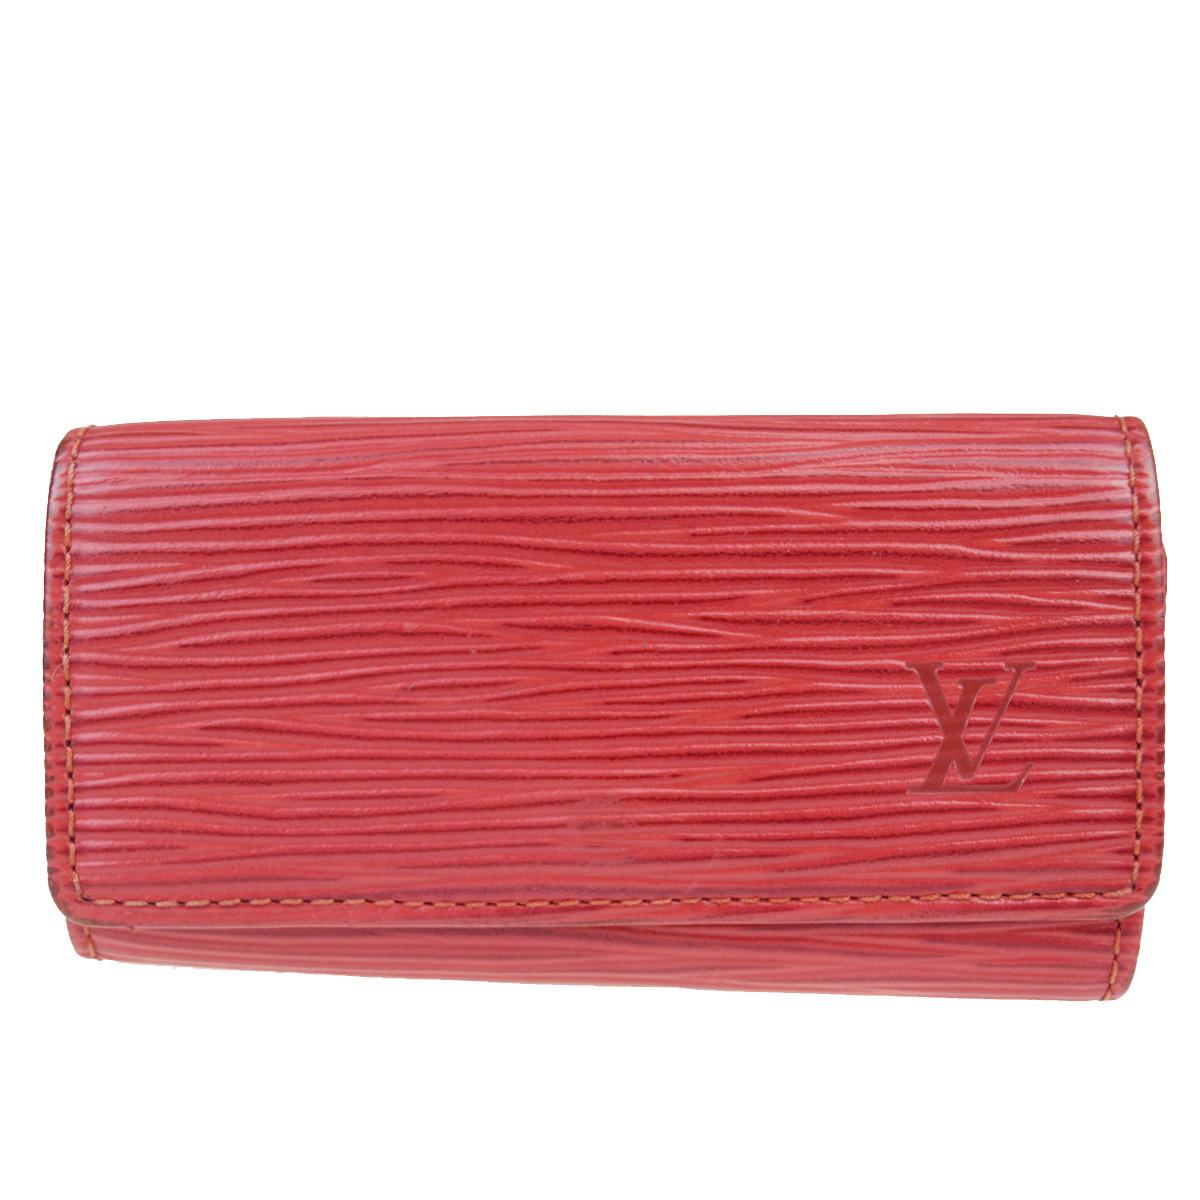 【中古】 ルイ・ヴィトン(Louis Vuitton) エピ ミュルティクレ 4 M63827 エピレザー キーケース レッド 08FA585